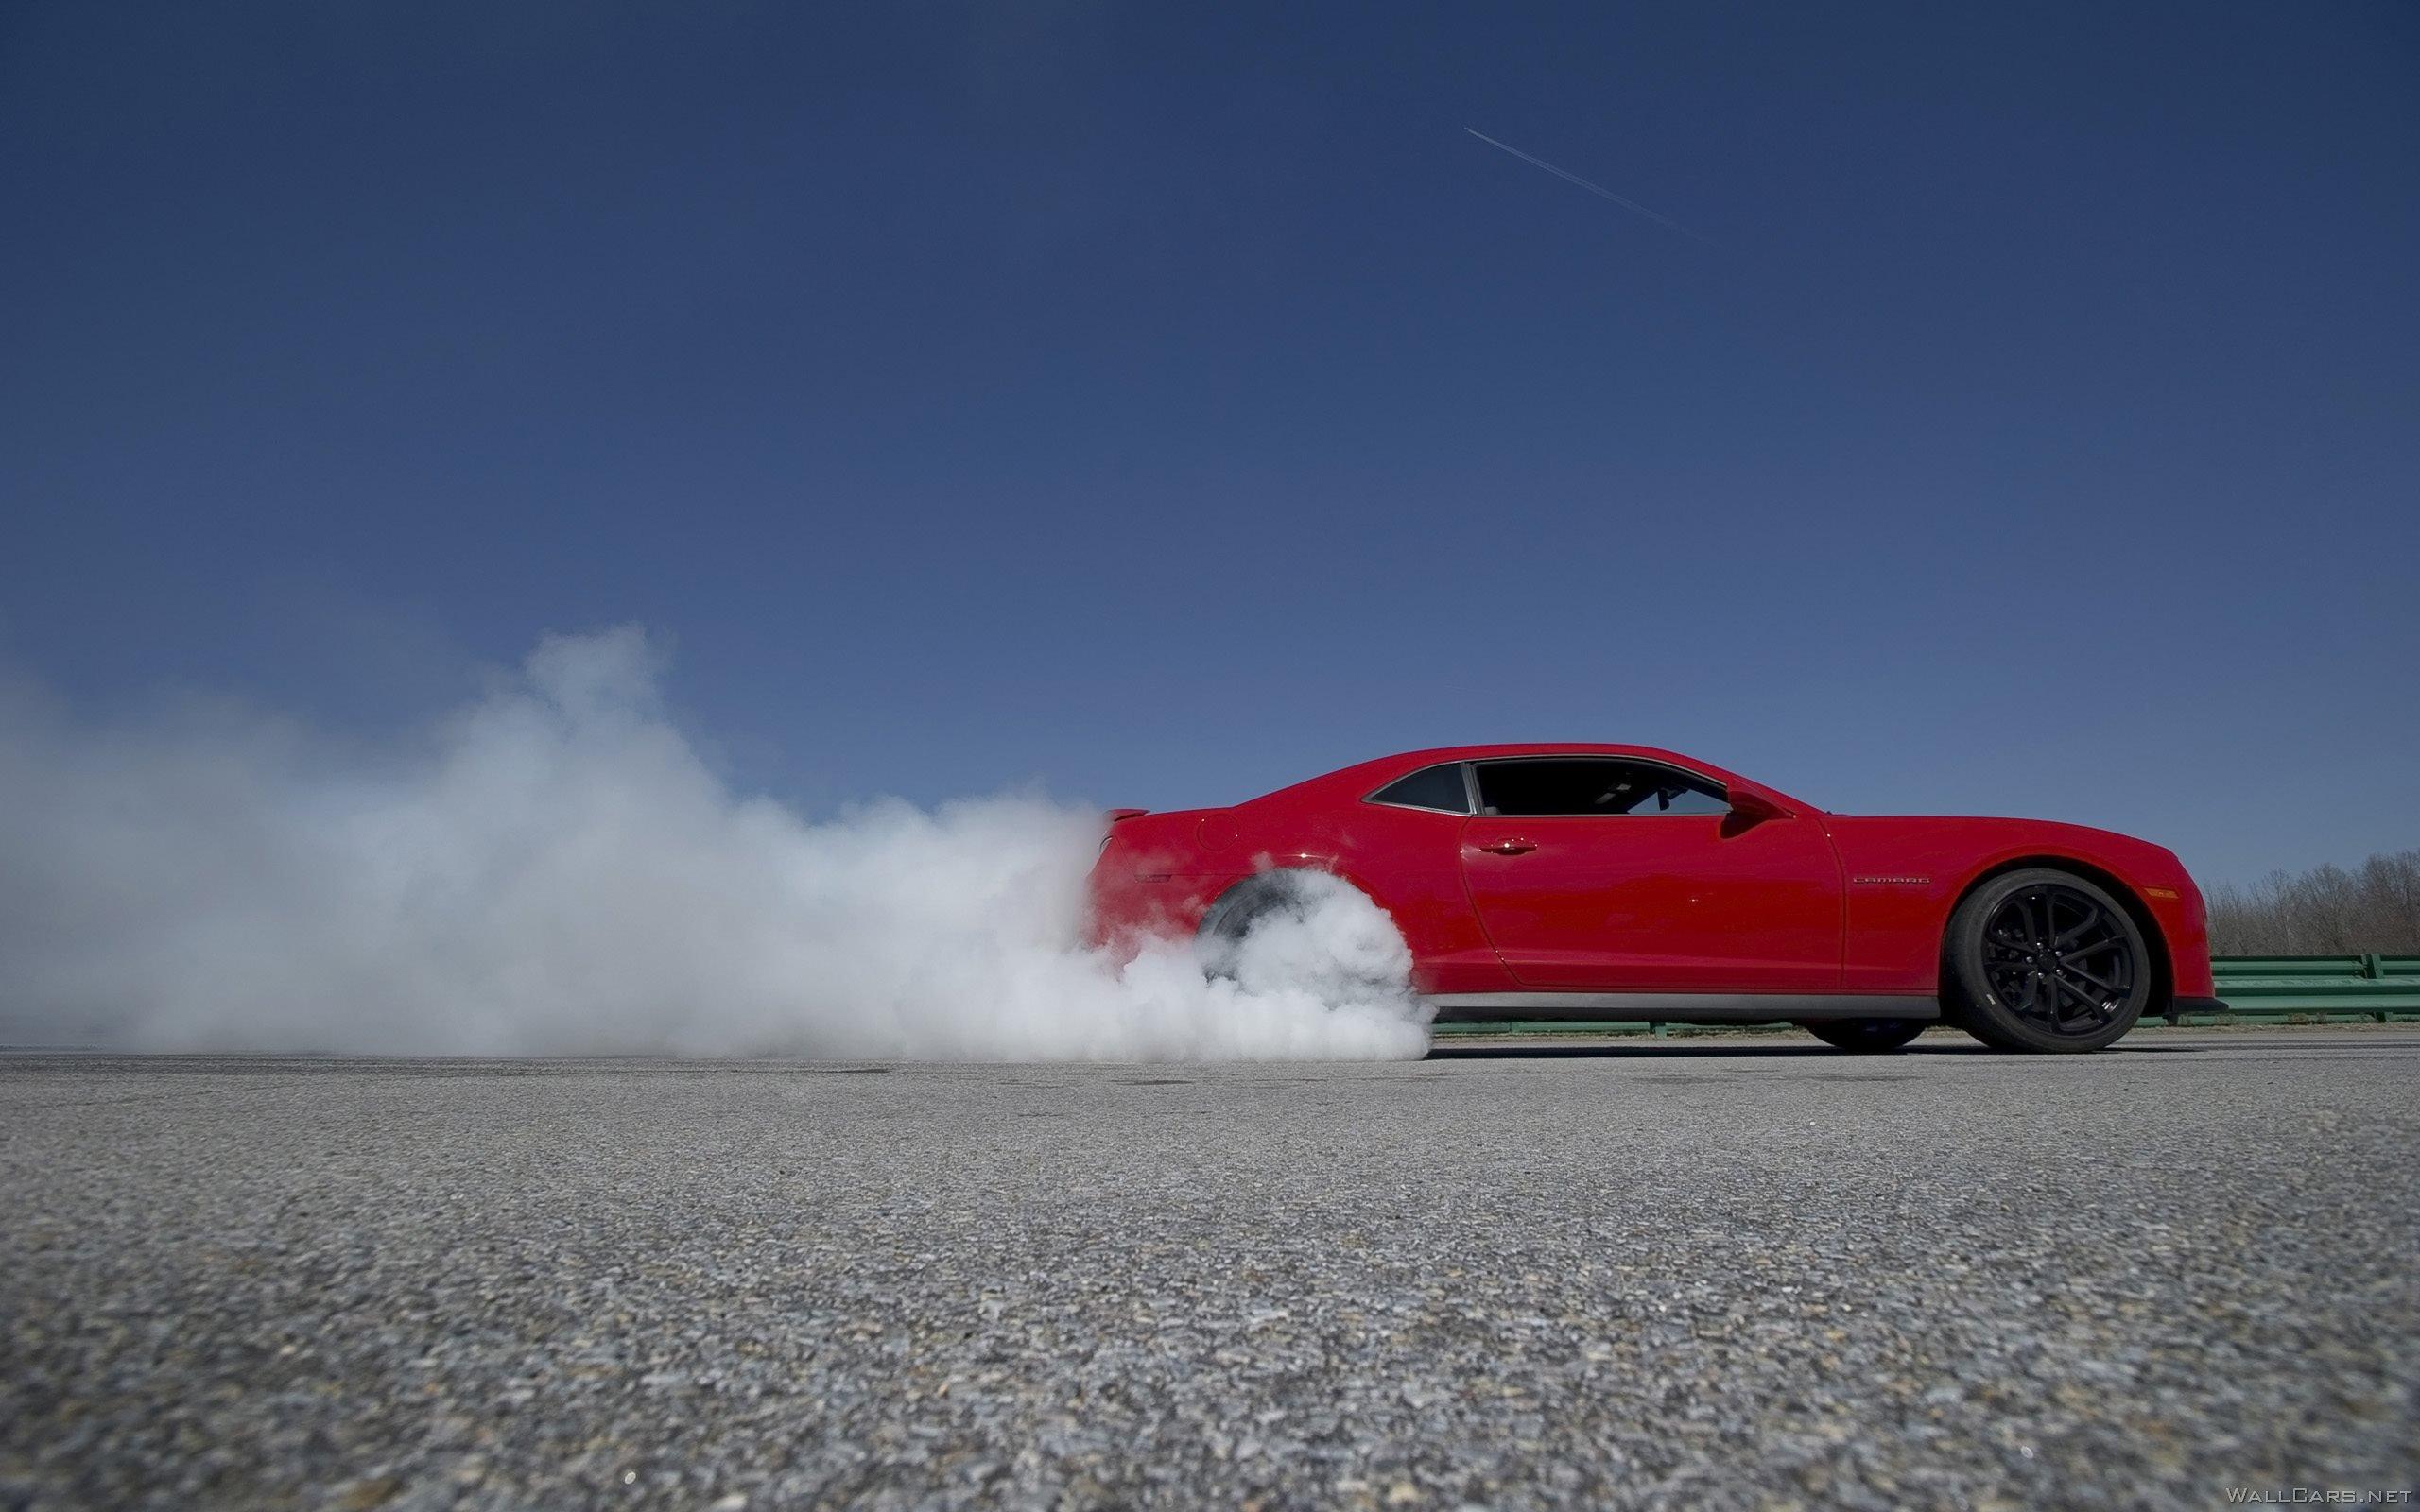 Обои колёса, Chevrolet camaro, полосы, диски, асфальт, шевроле камаро. Автомобили foto 11